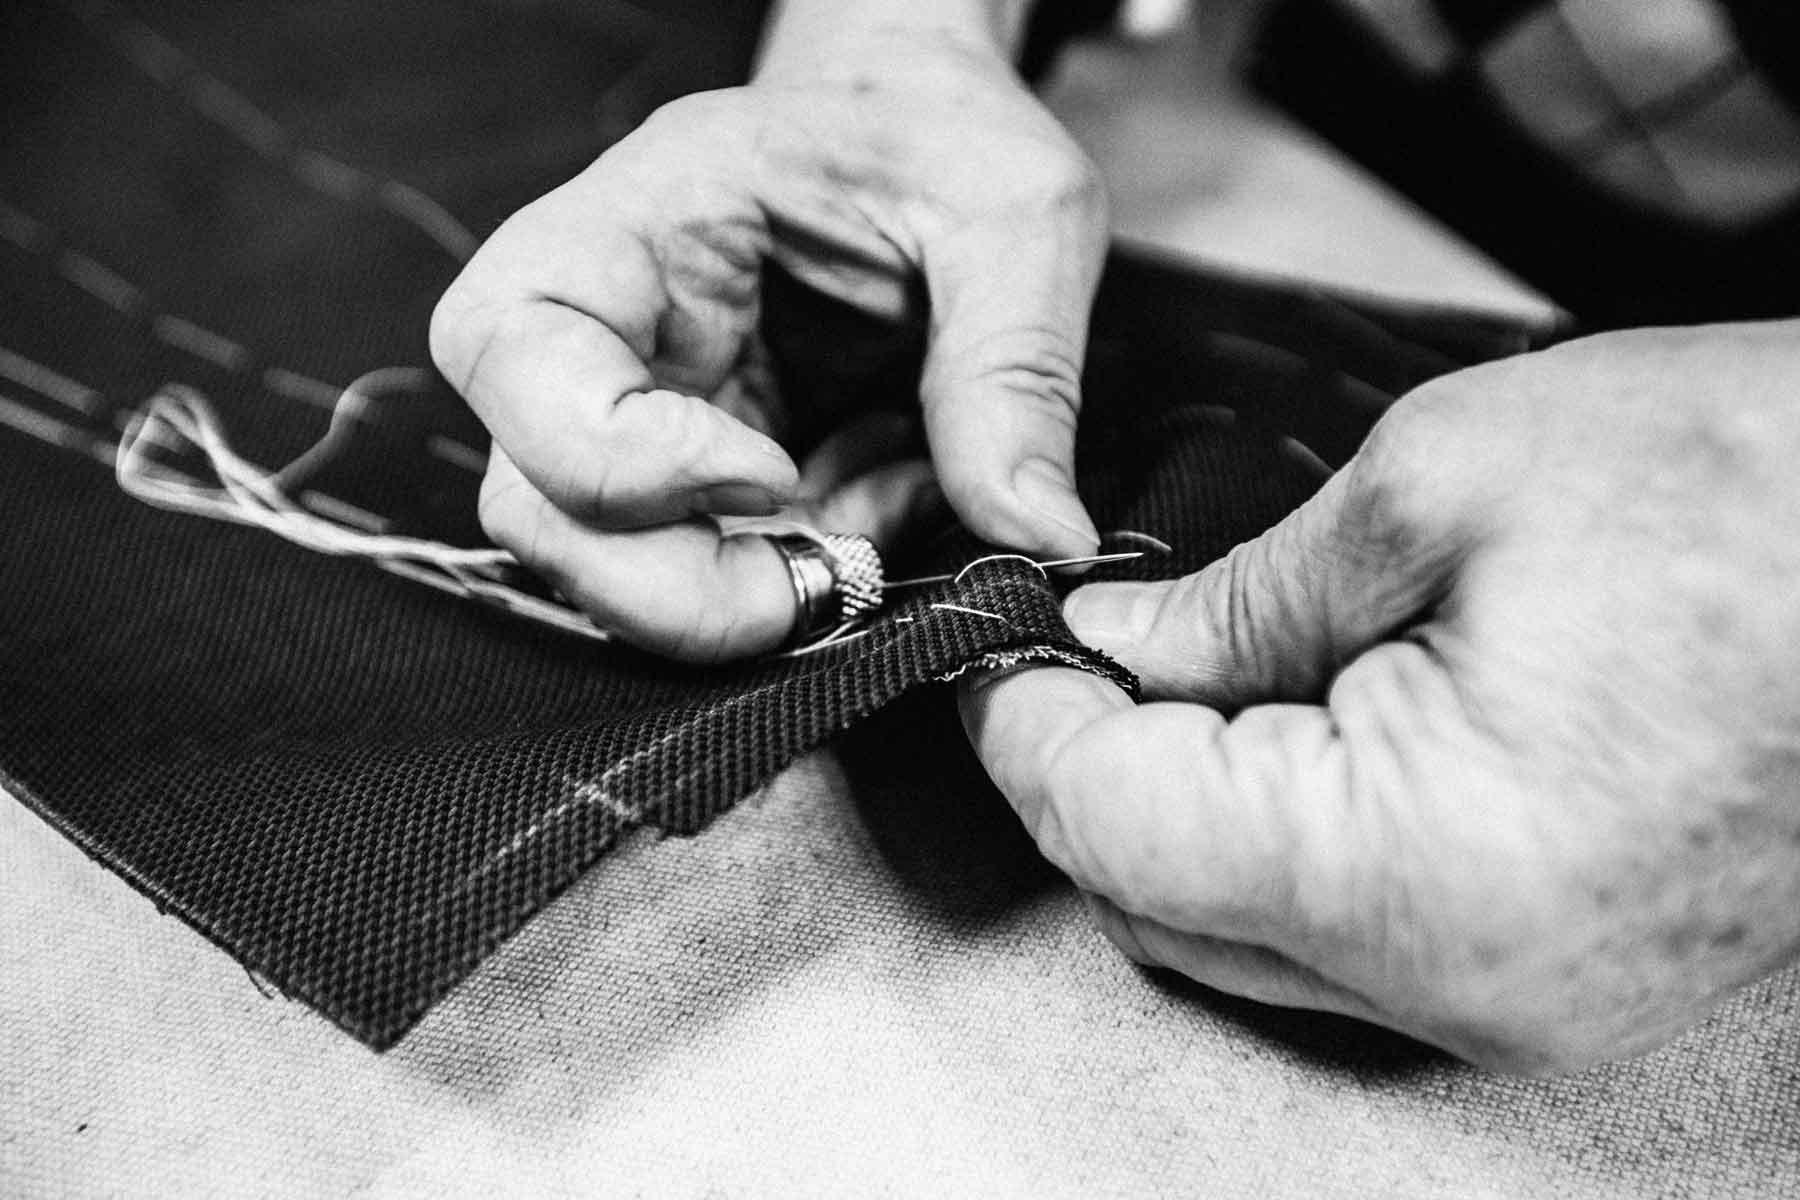 Nahaufnahme eines Schneiders beim einsetzen der Naht in ein Stück Stoff bei Monokel Berlin